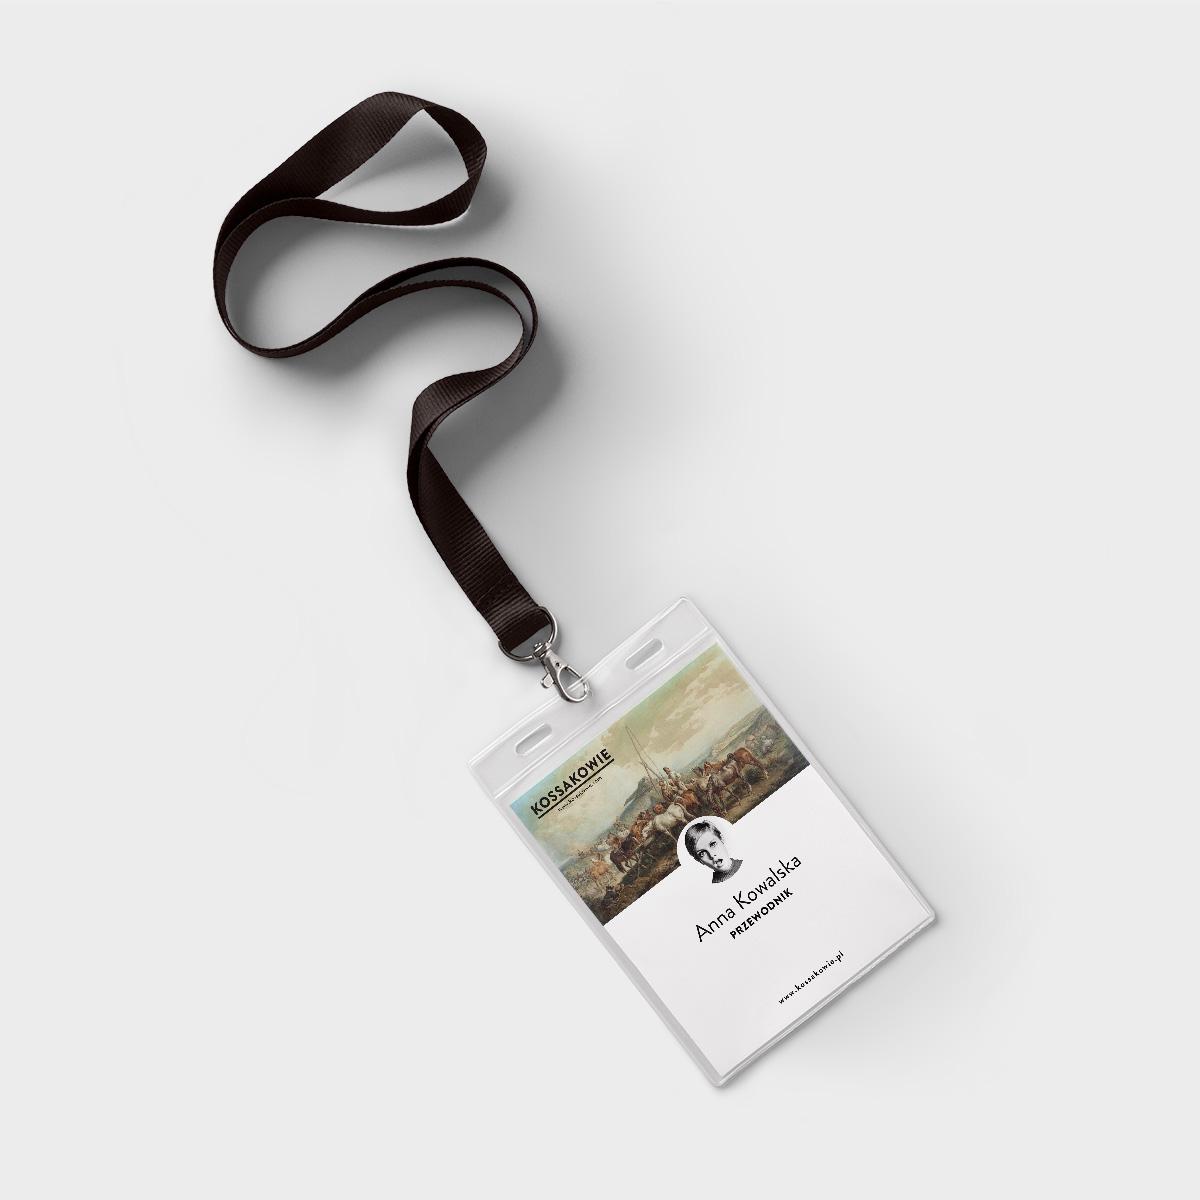 Kossakowie – koncept identyfikacji wystaw